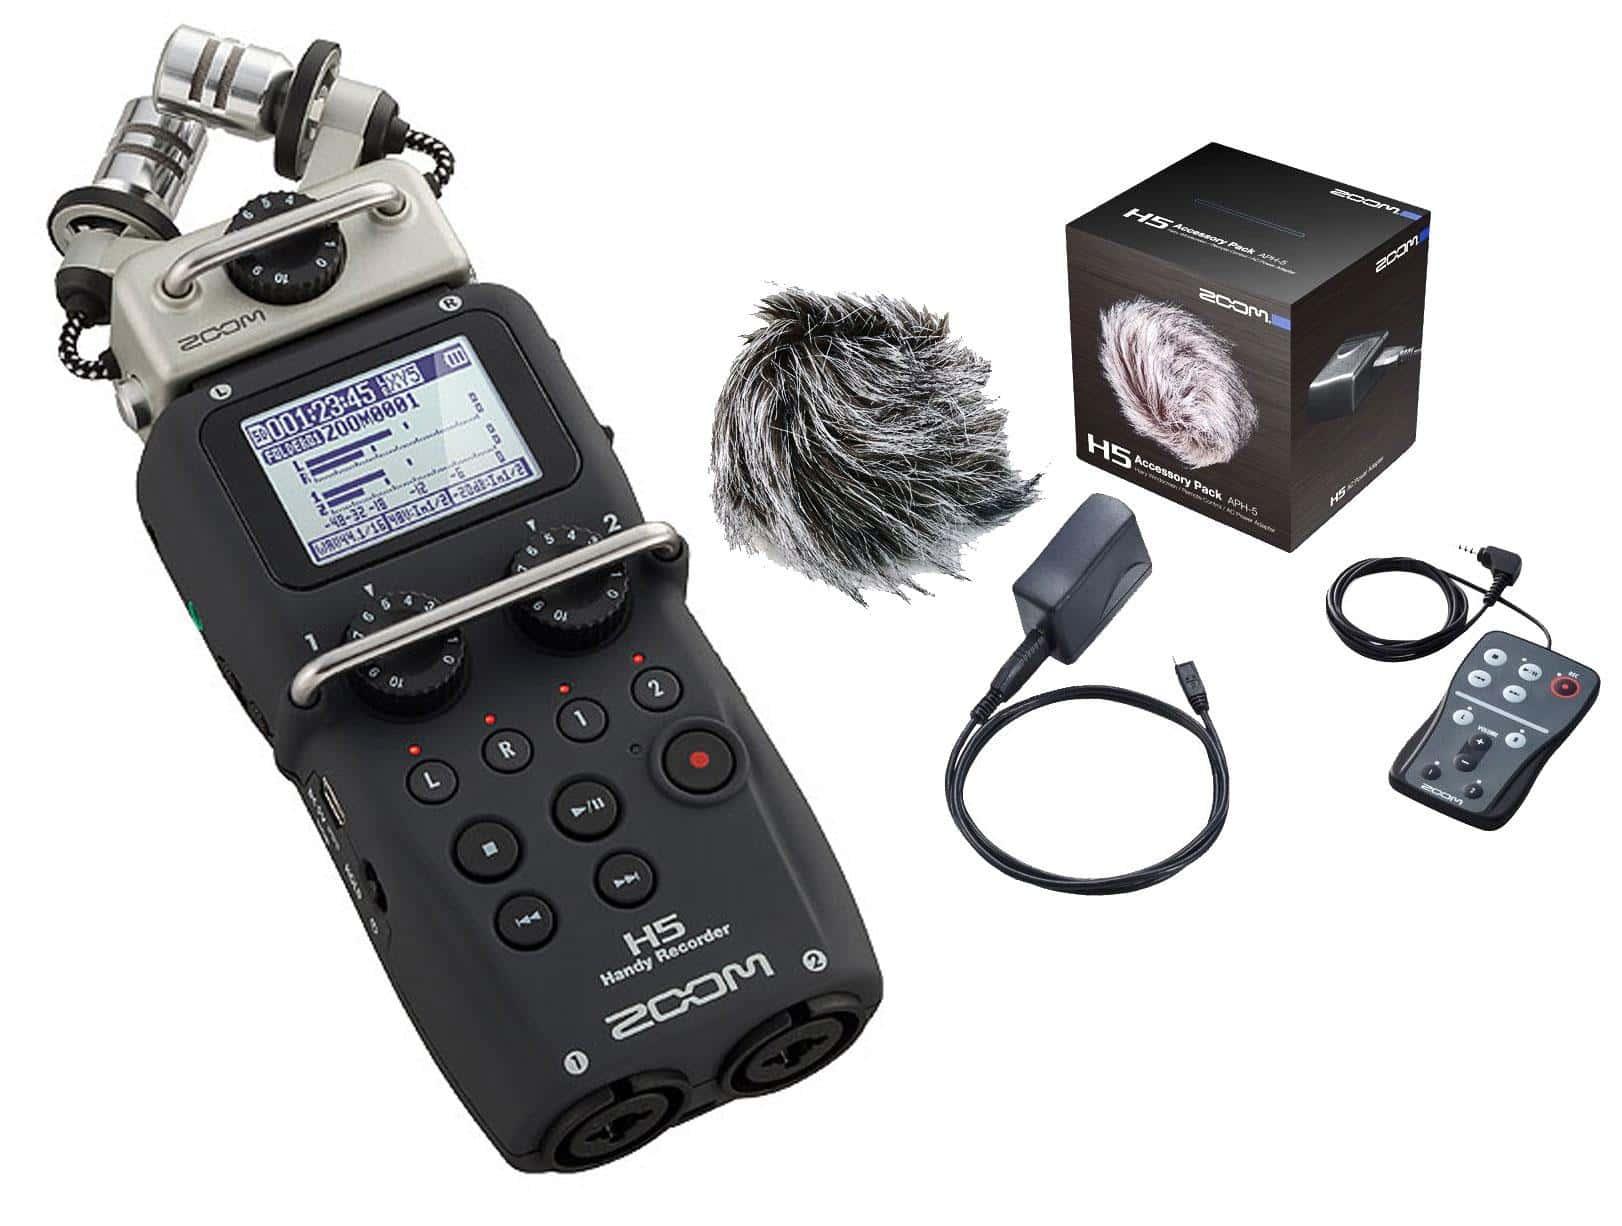 Zoom H5 Recorder mit APH-5 Zubehör Set